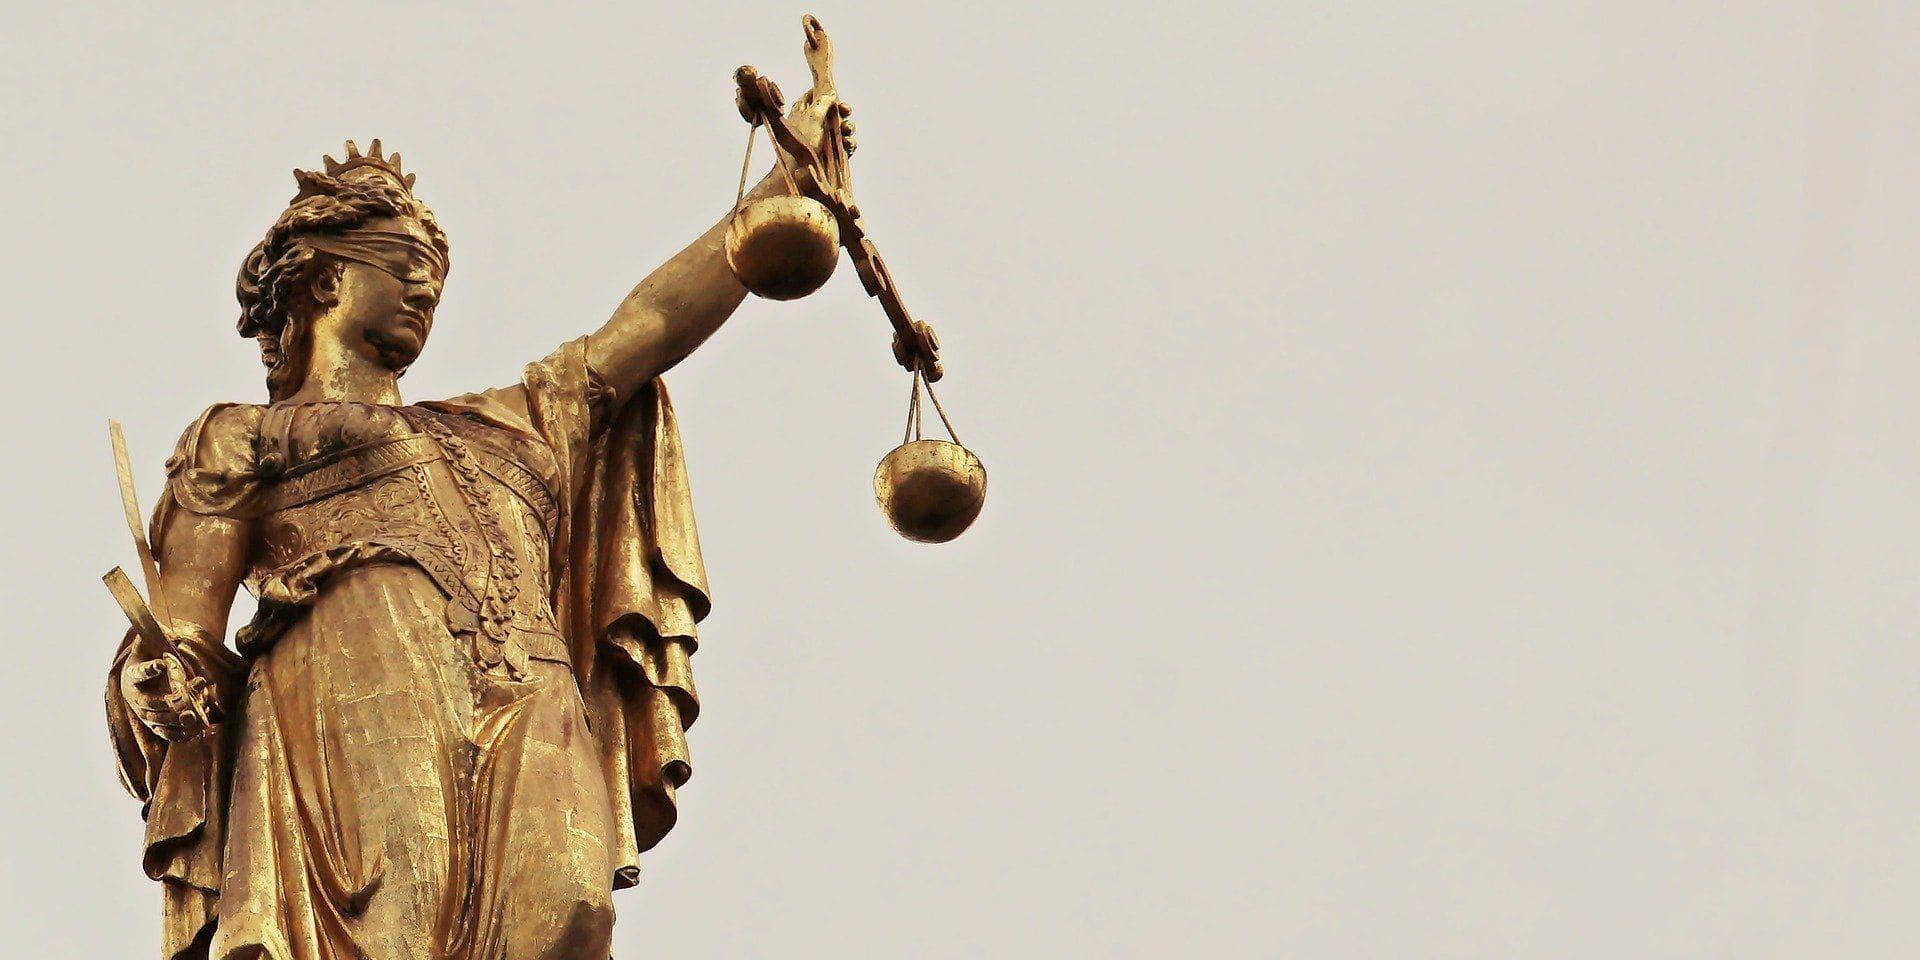 Temps exceptionnel, mesures exceptionnelles en matière de justice : cette démocratie est la nôtre et doit le rester